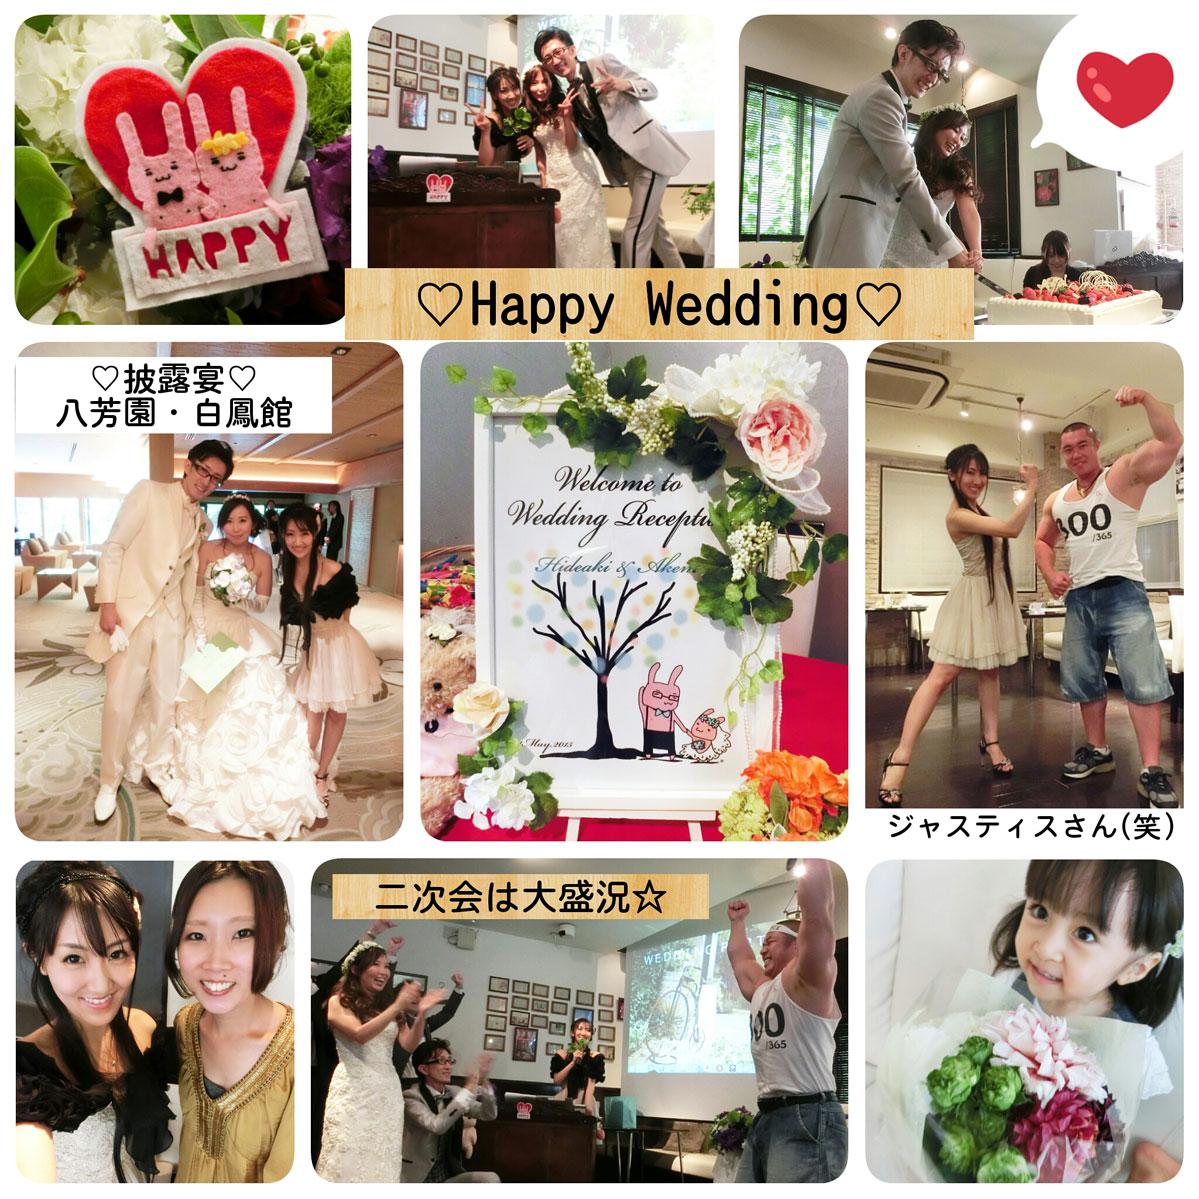 先輩の結婚式♡_d0224894_15171492.jpg